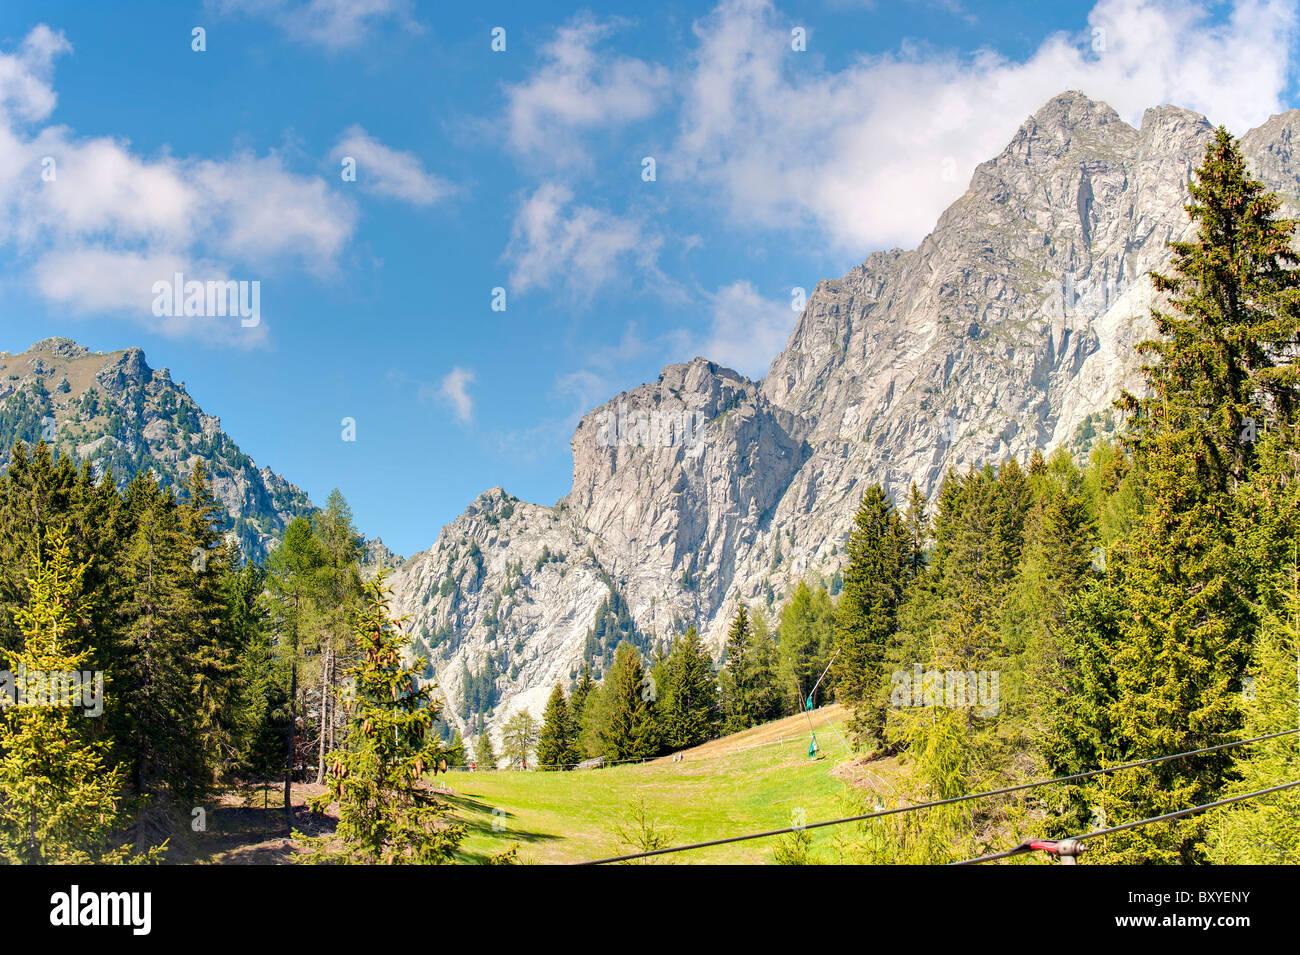 Merano 2000 Trentino Alto Adige South Tyrol Italy - Stock Image